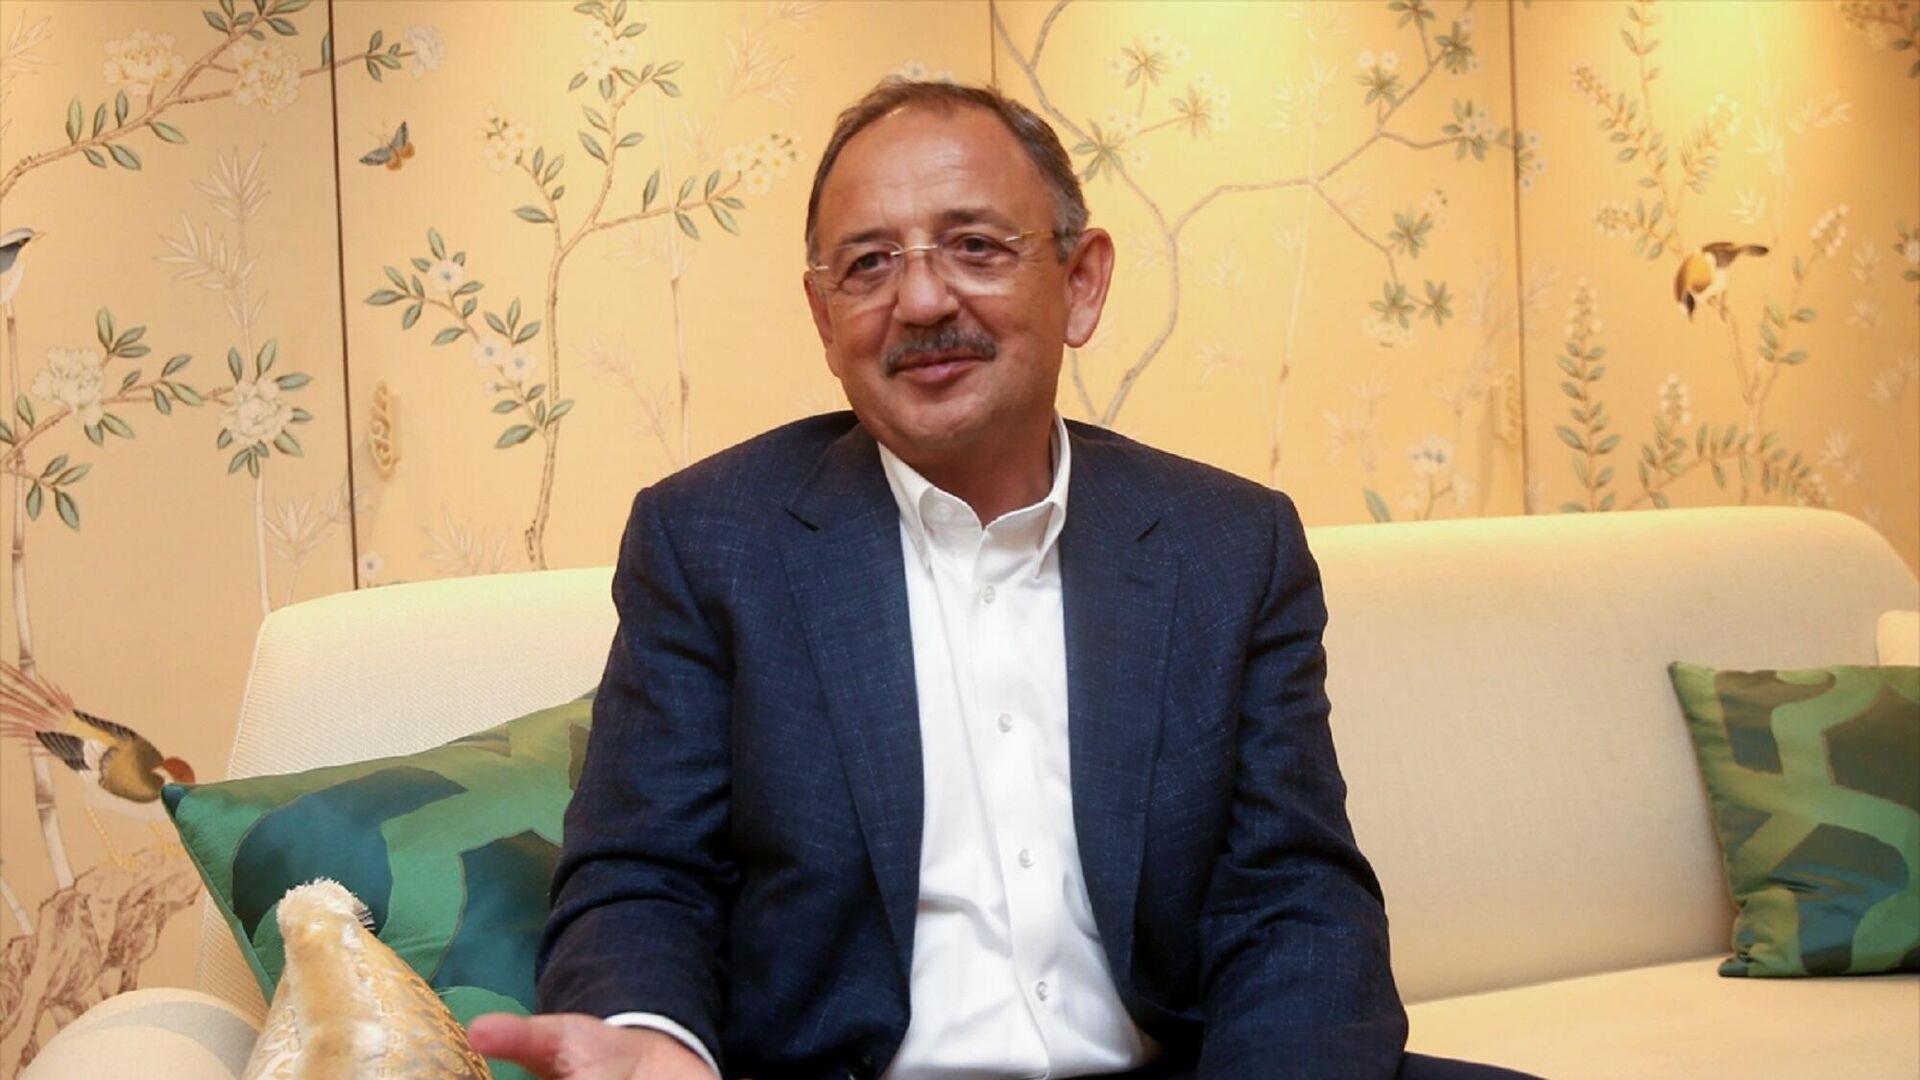 AK Parti Genel Başkan Yardımcısı ve Yerel Yönetimler Başkanı Mehmet Özhaseki - Sputnik Türkiye, 1920, 23.09.2021